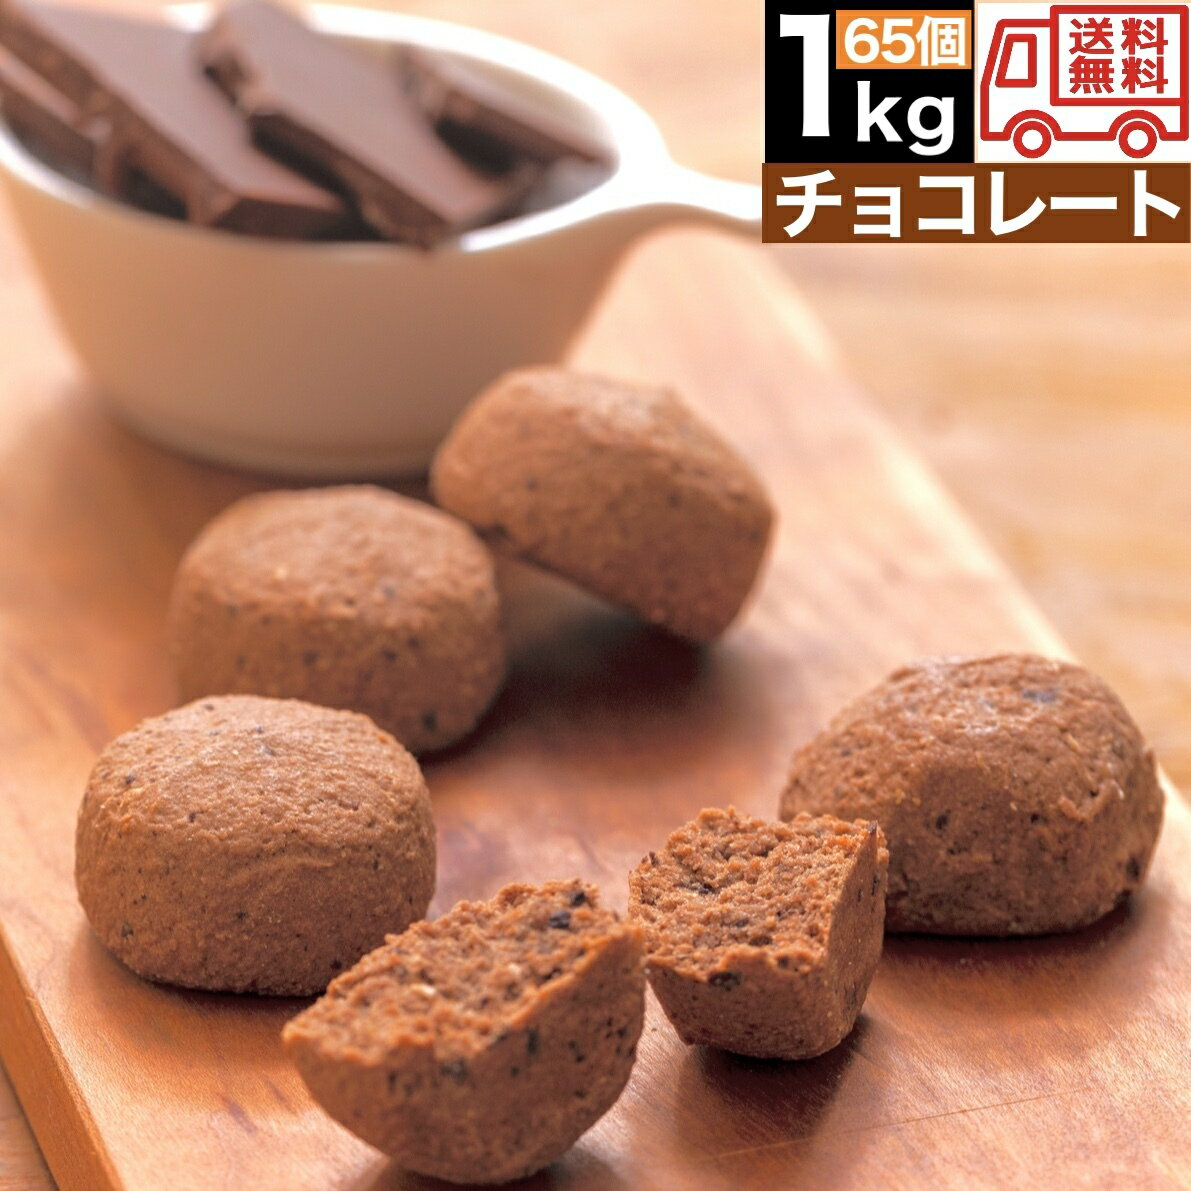 チョコ豆乳おからクッキー訳あり1kg送料無料お試しおからココアカカオポリフェノールプロテイン女性ダイ